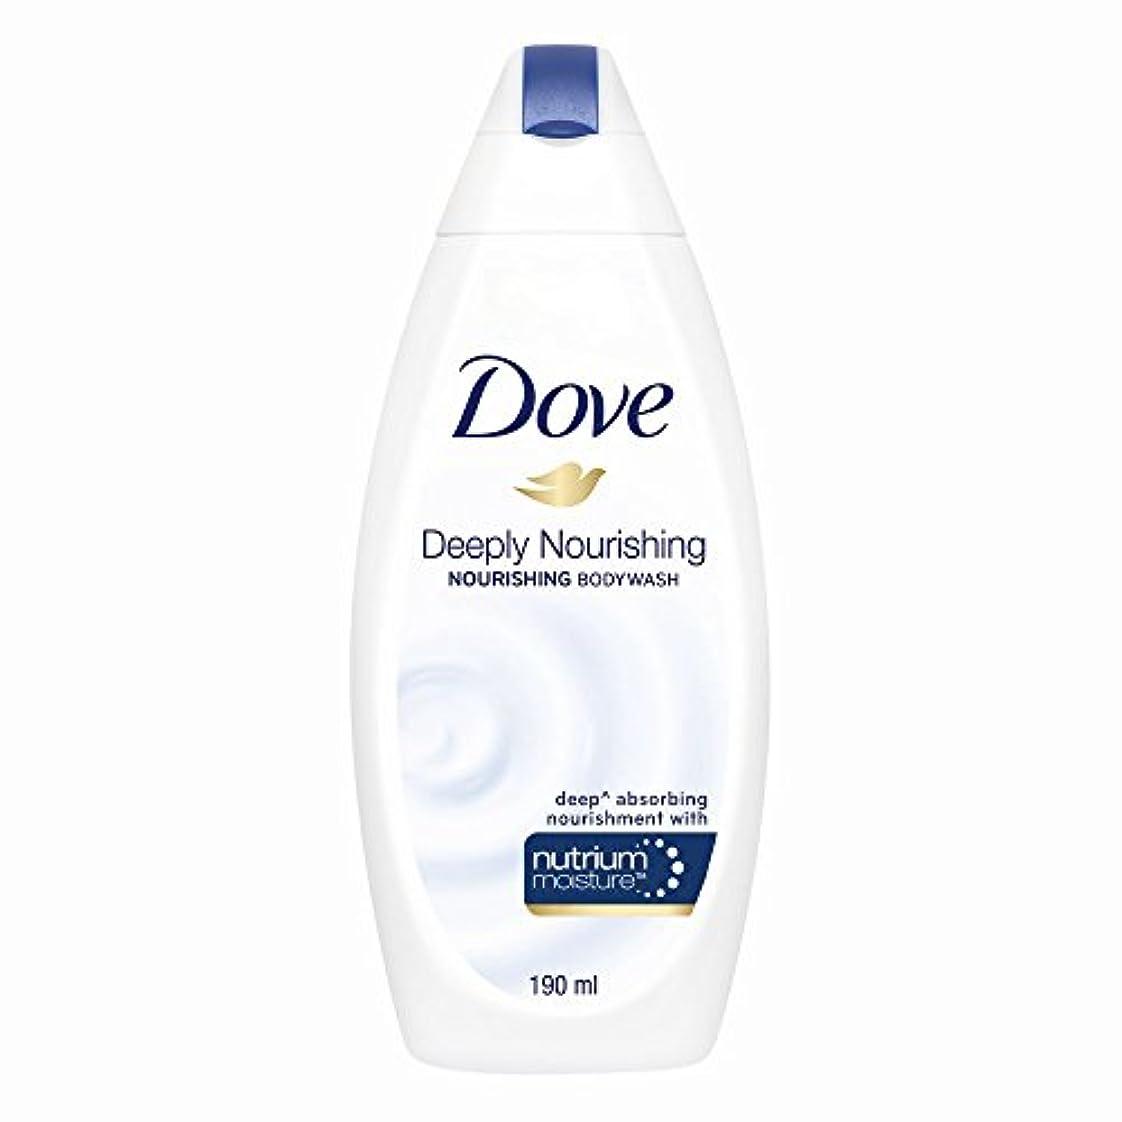 排他的マークされた与えるDove Deeply Nourishing Body Wash, 190ml